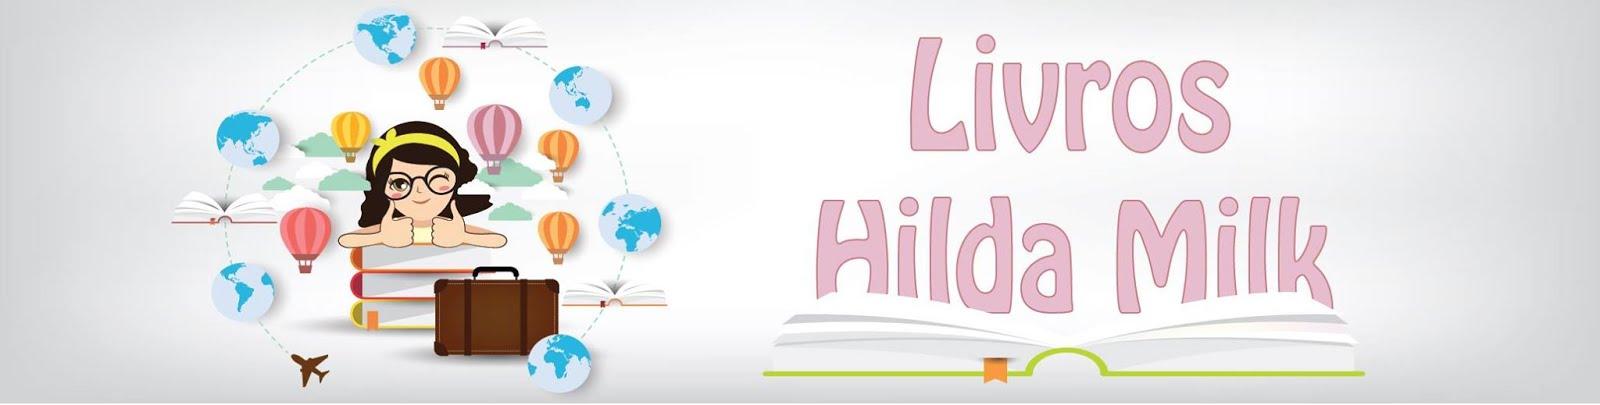 Livraria Hilda Milk